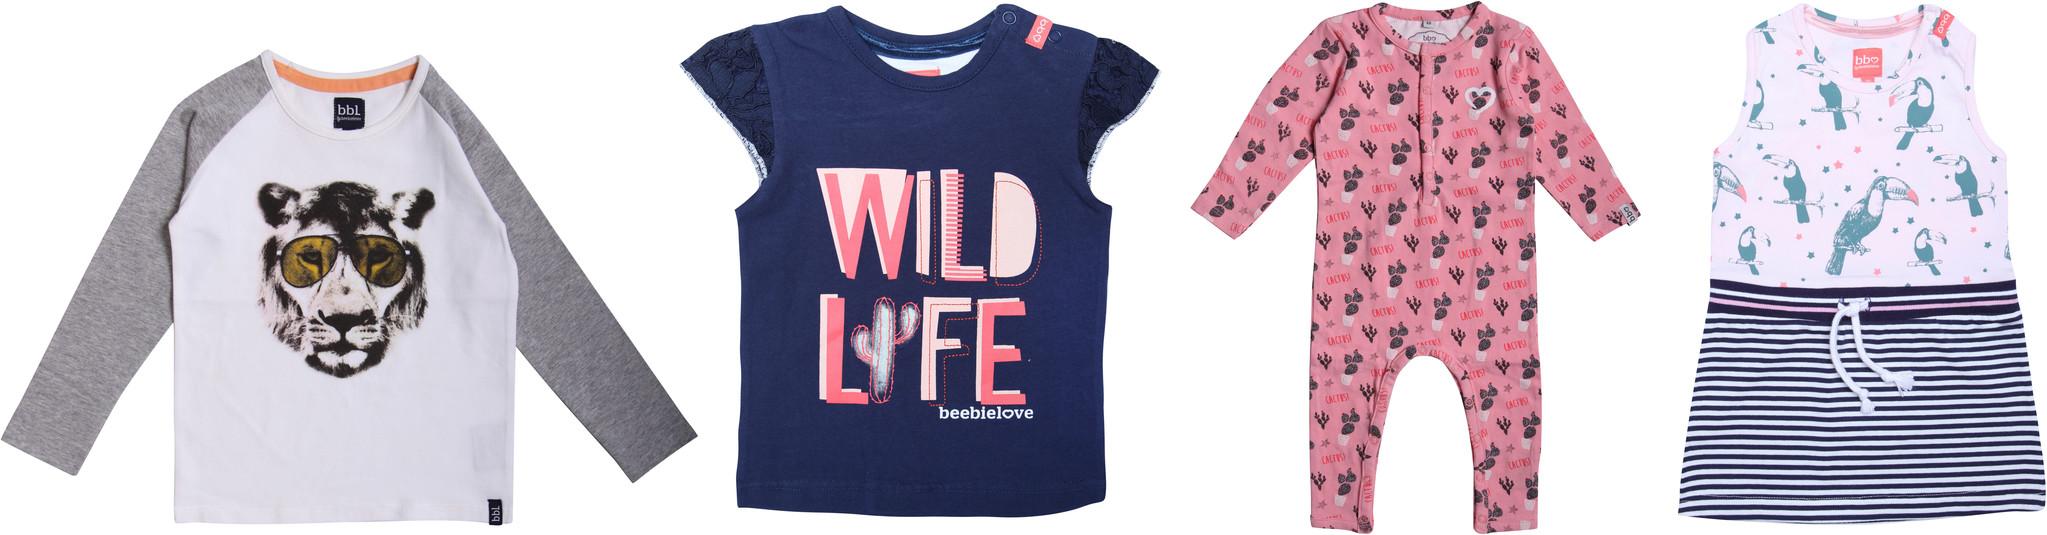 Beebielove wild life